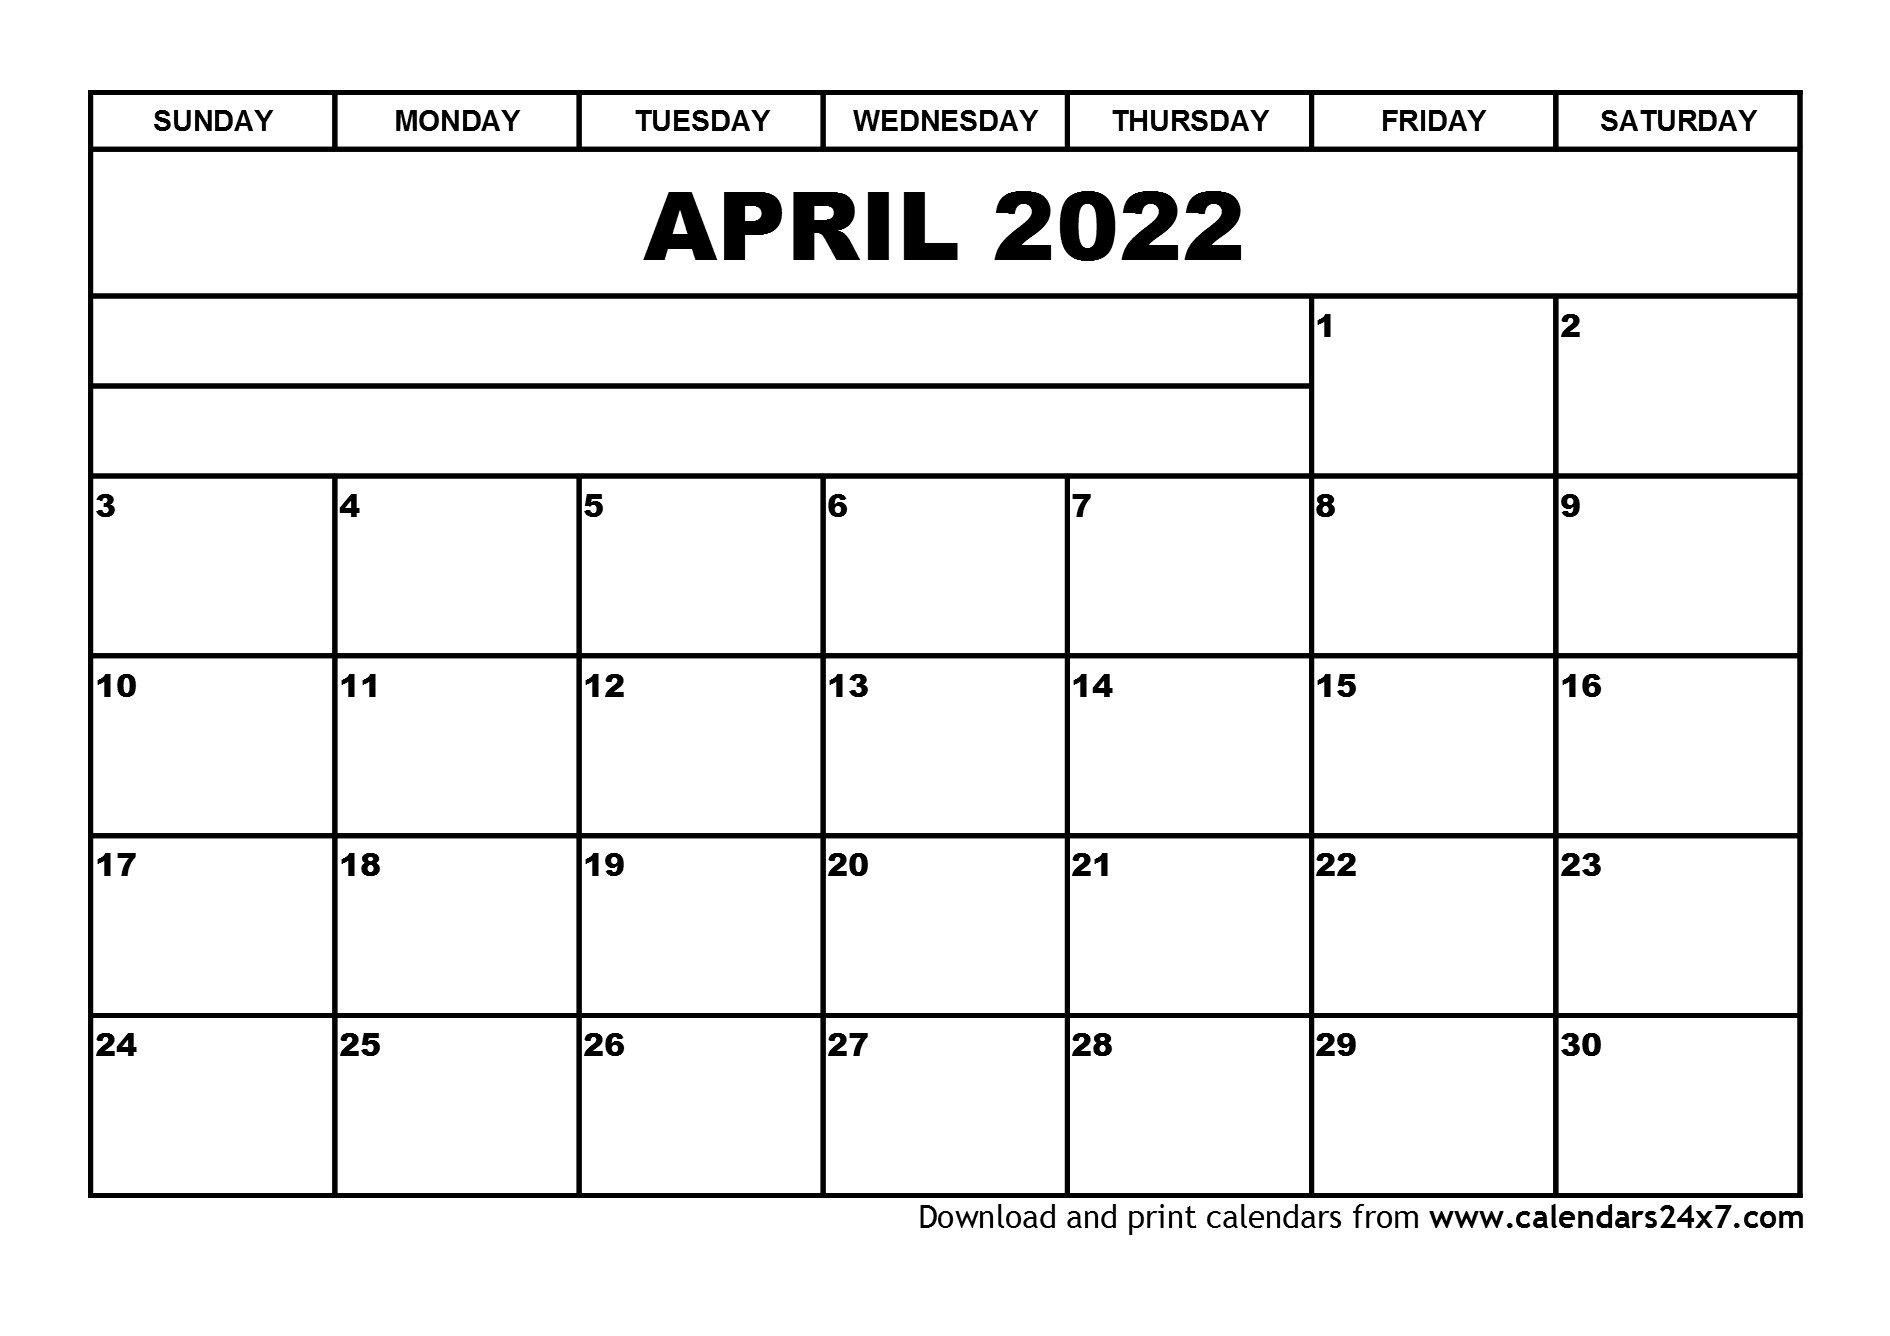 April 2022 Calendar & May 2022 Calendar pertaining to Printable Monthly Calendar April 2022 Graphics